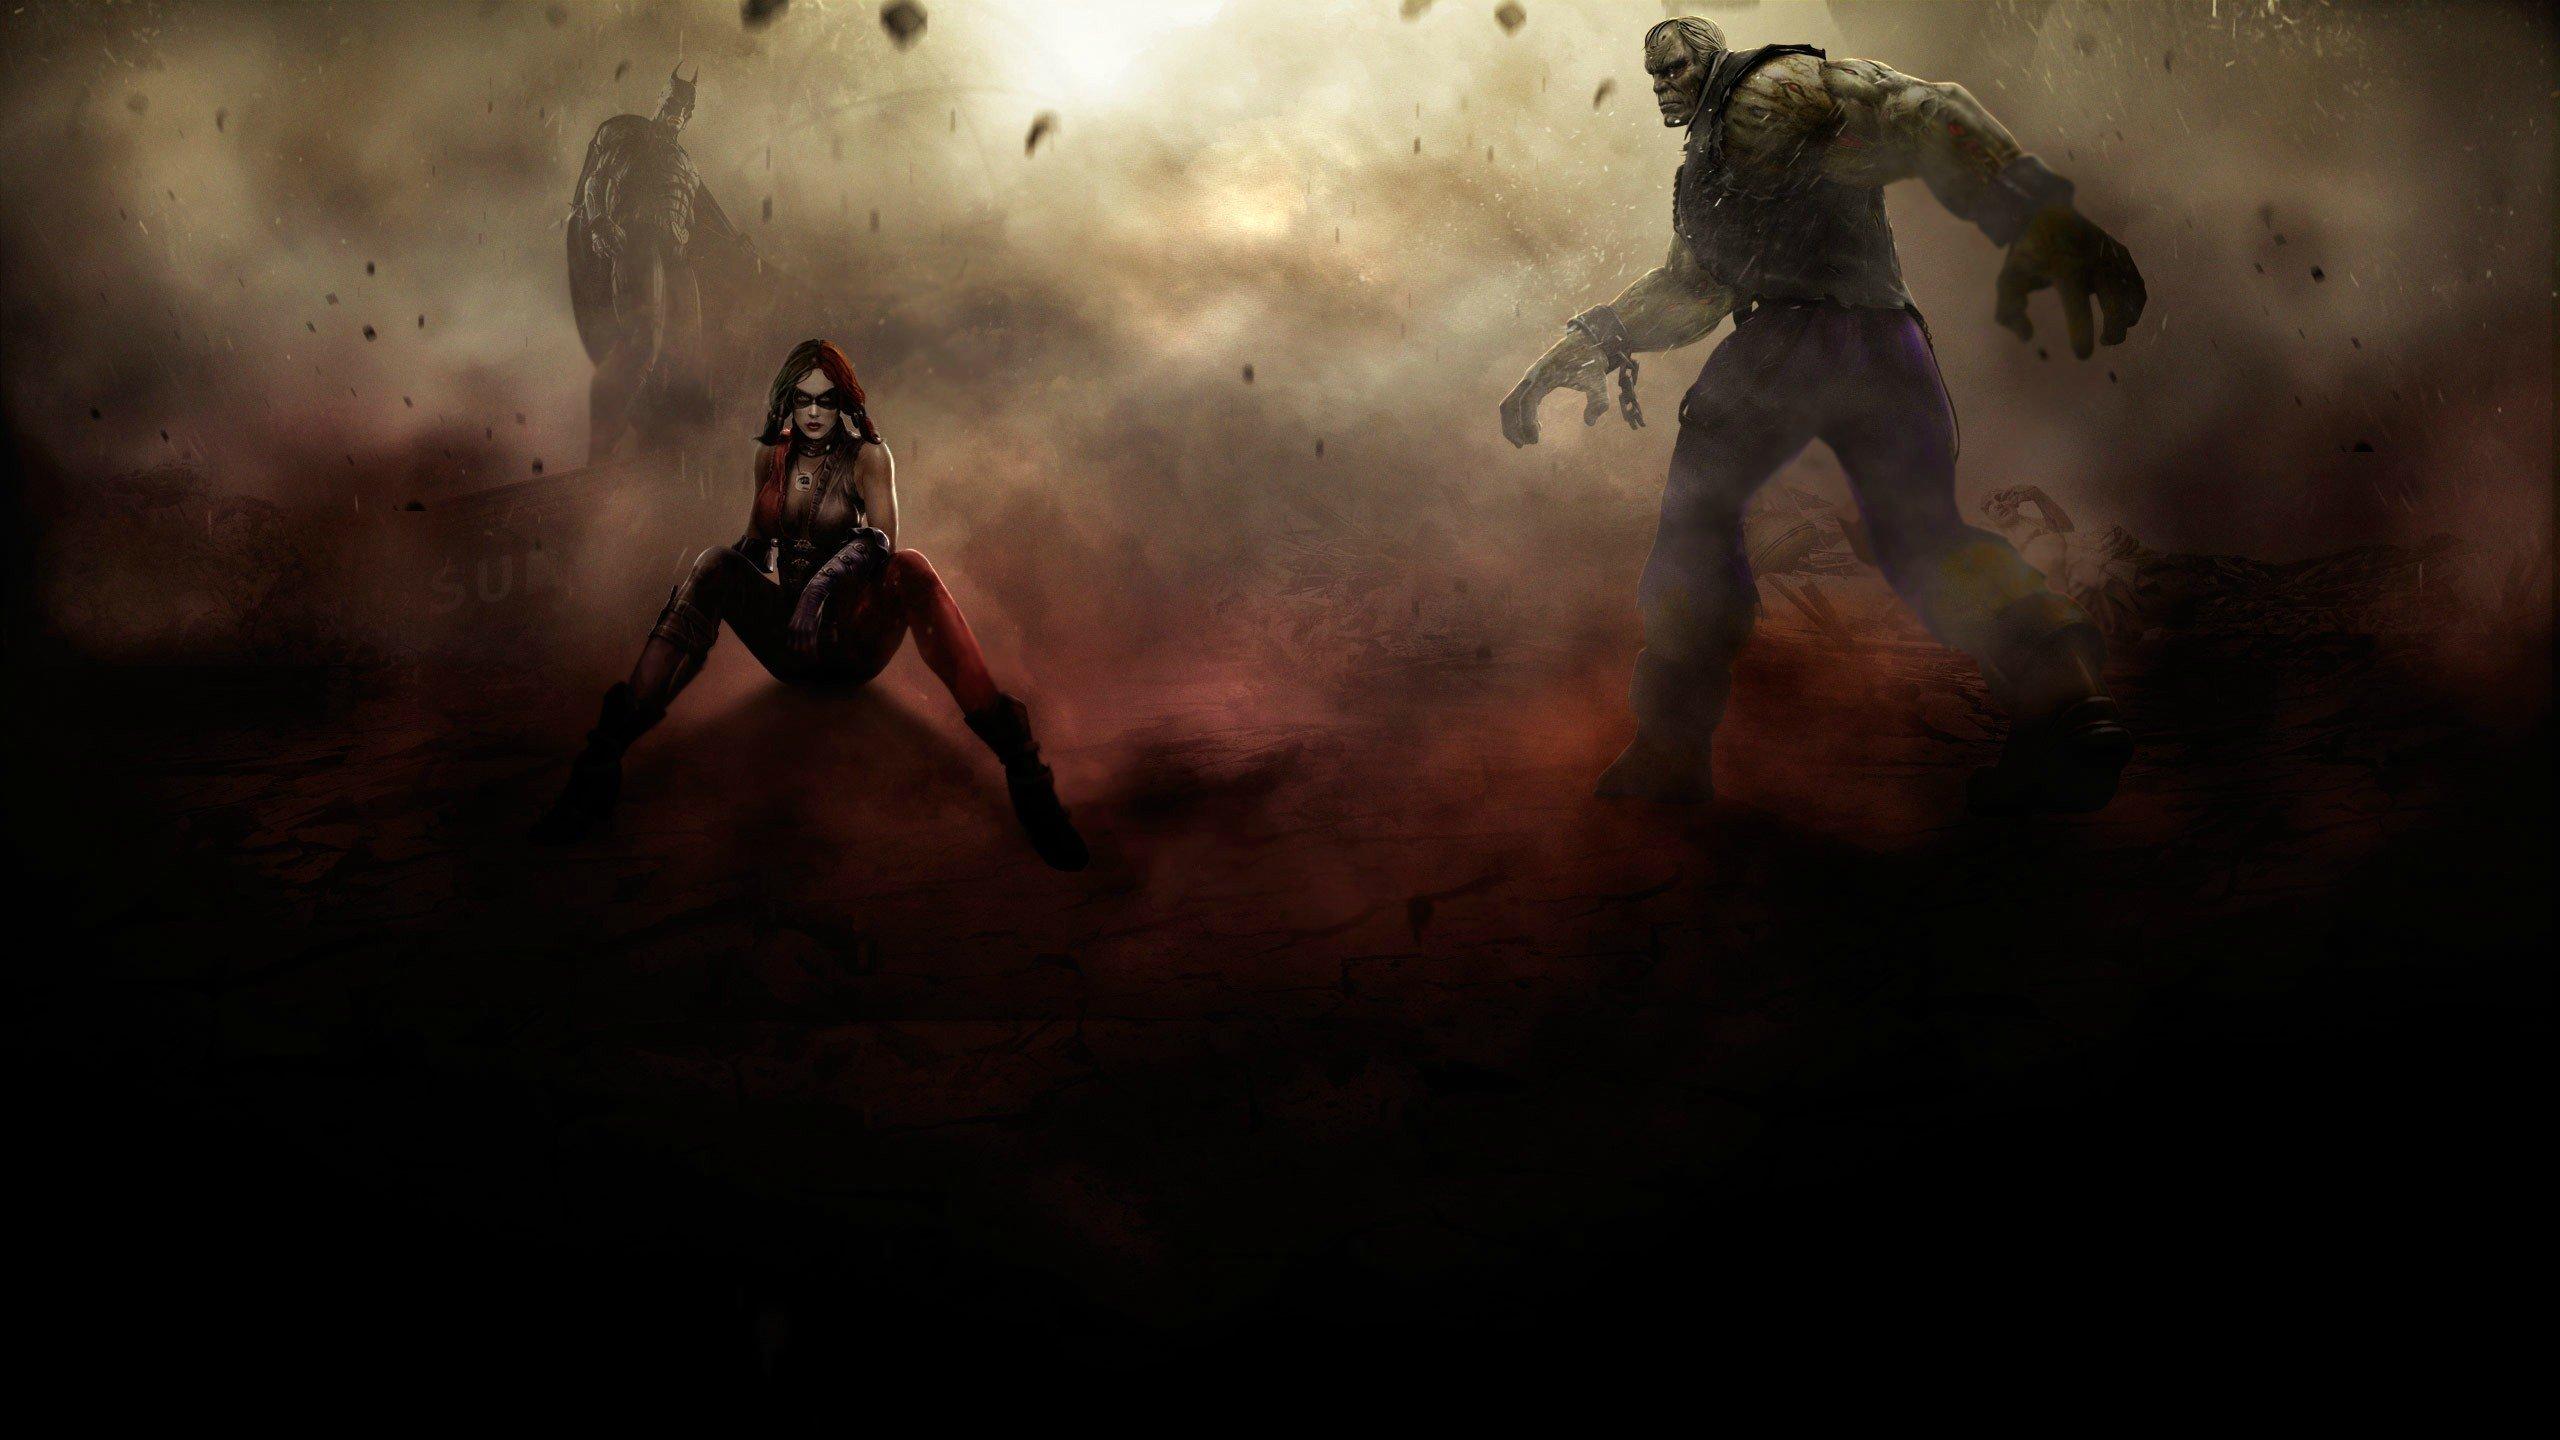 Сегодня состоялся анонс нового файтинга по вселенной DC Comics под названием Injustice: Gods Among Us. Разрабатываем ... - Изображение 3